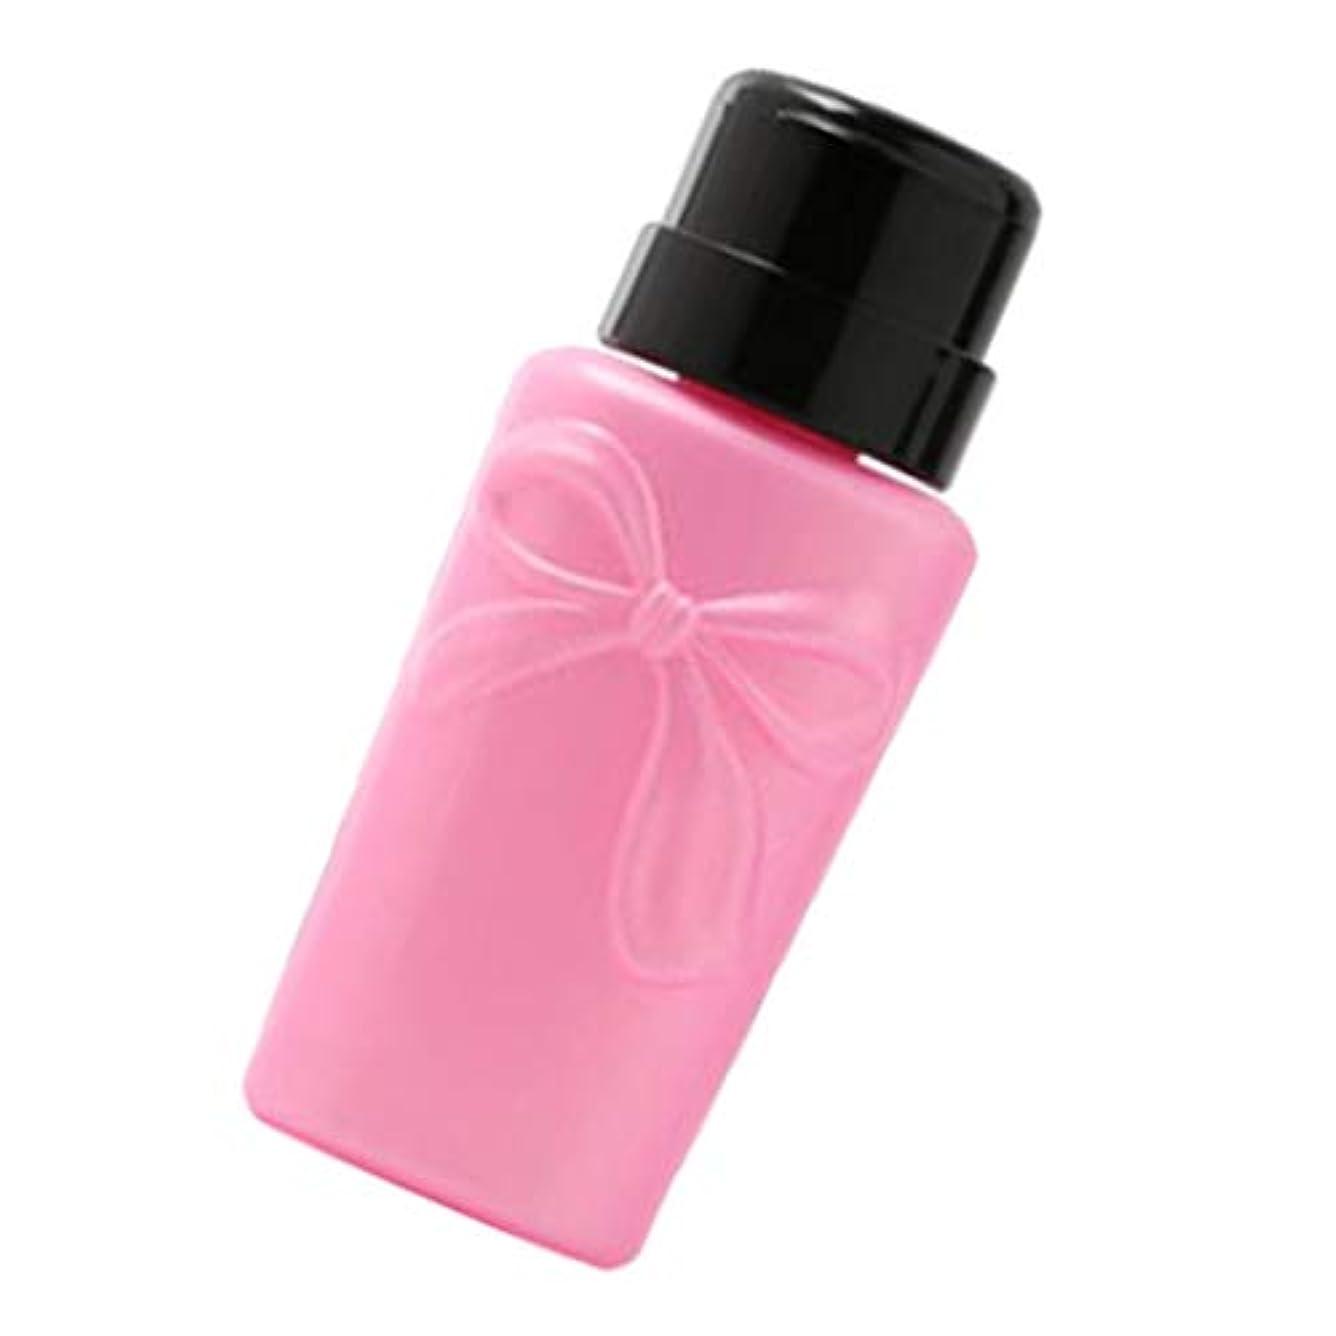 ばか火薬多用途CUTICATE ポンプボトル ディスペンサーボトル ネイルポリッシュリムーバーボトル 空のプレスボトル 2色 - ピンク